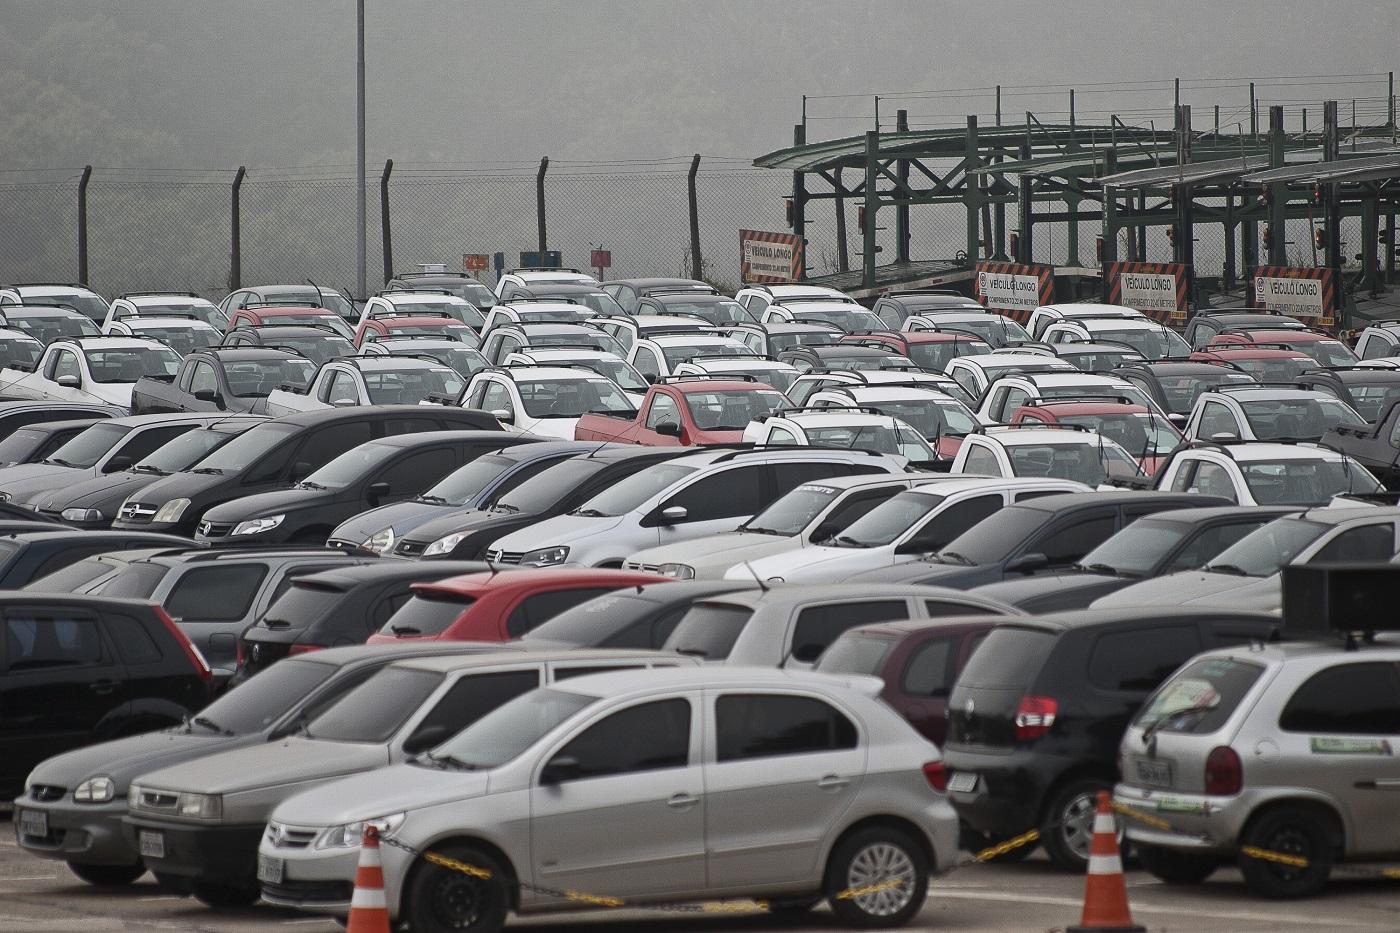 DinheiramaNews: Governo quer aumentar imposto de carro popular